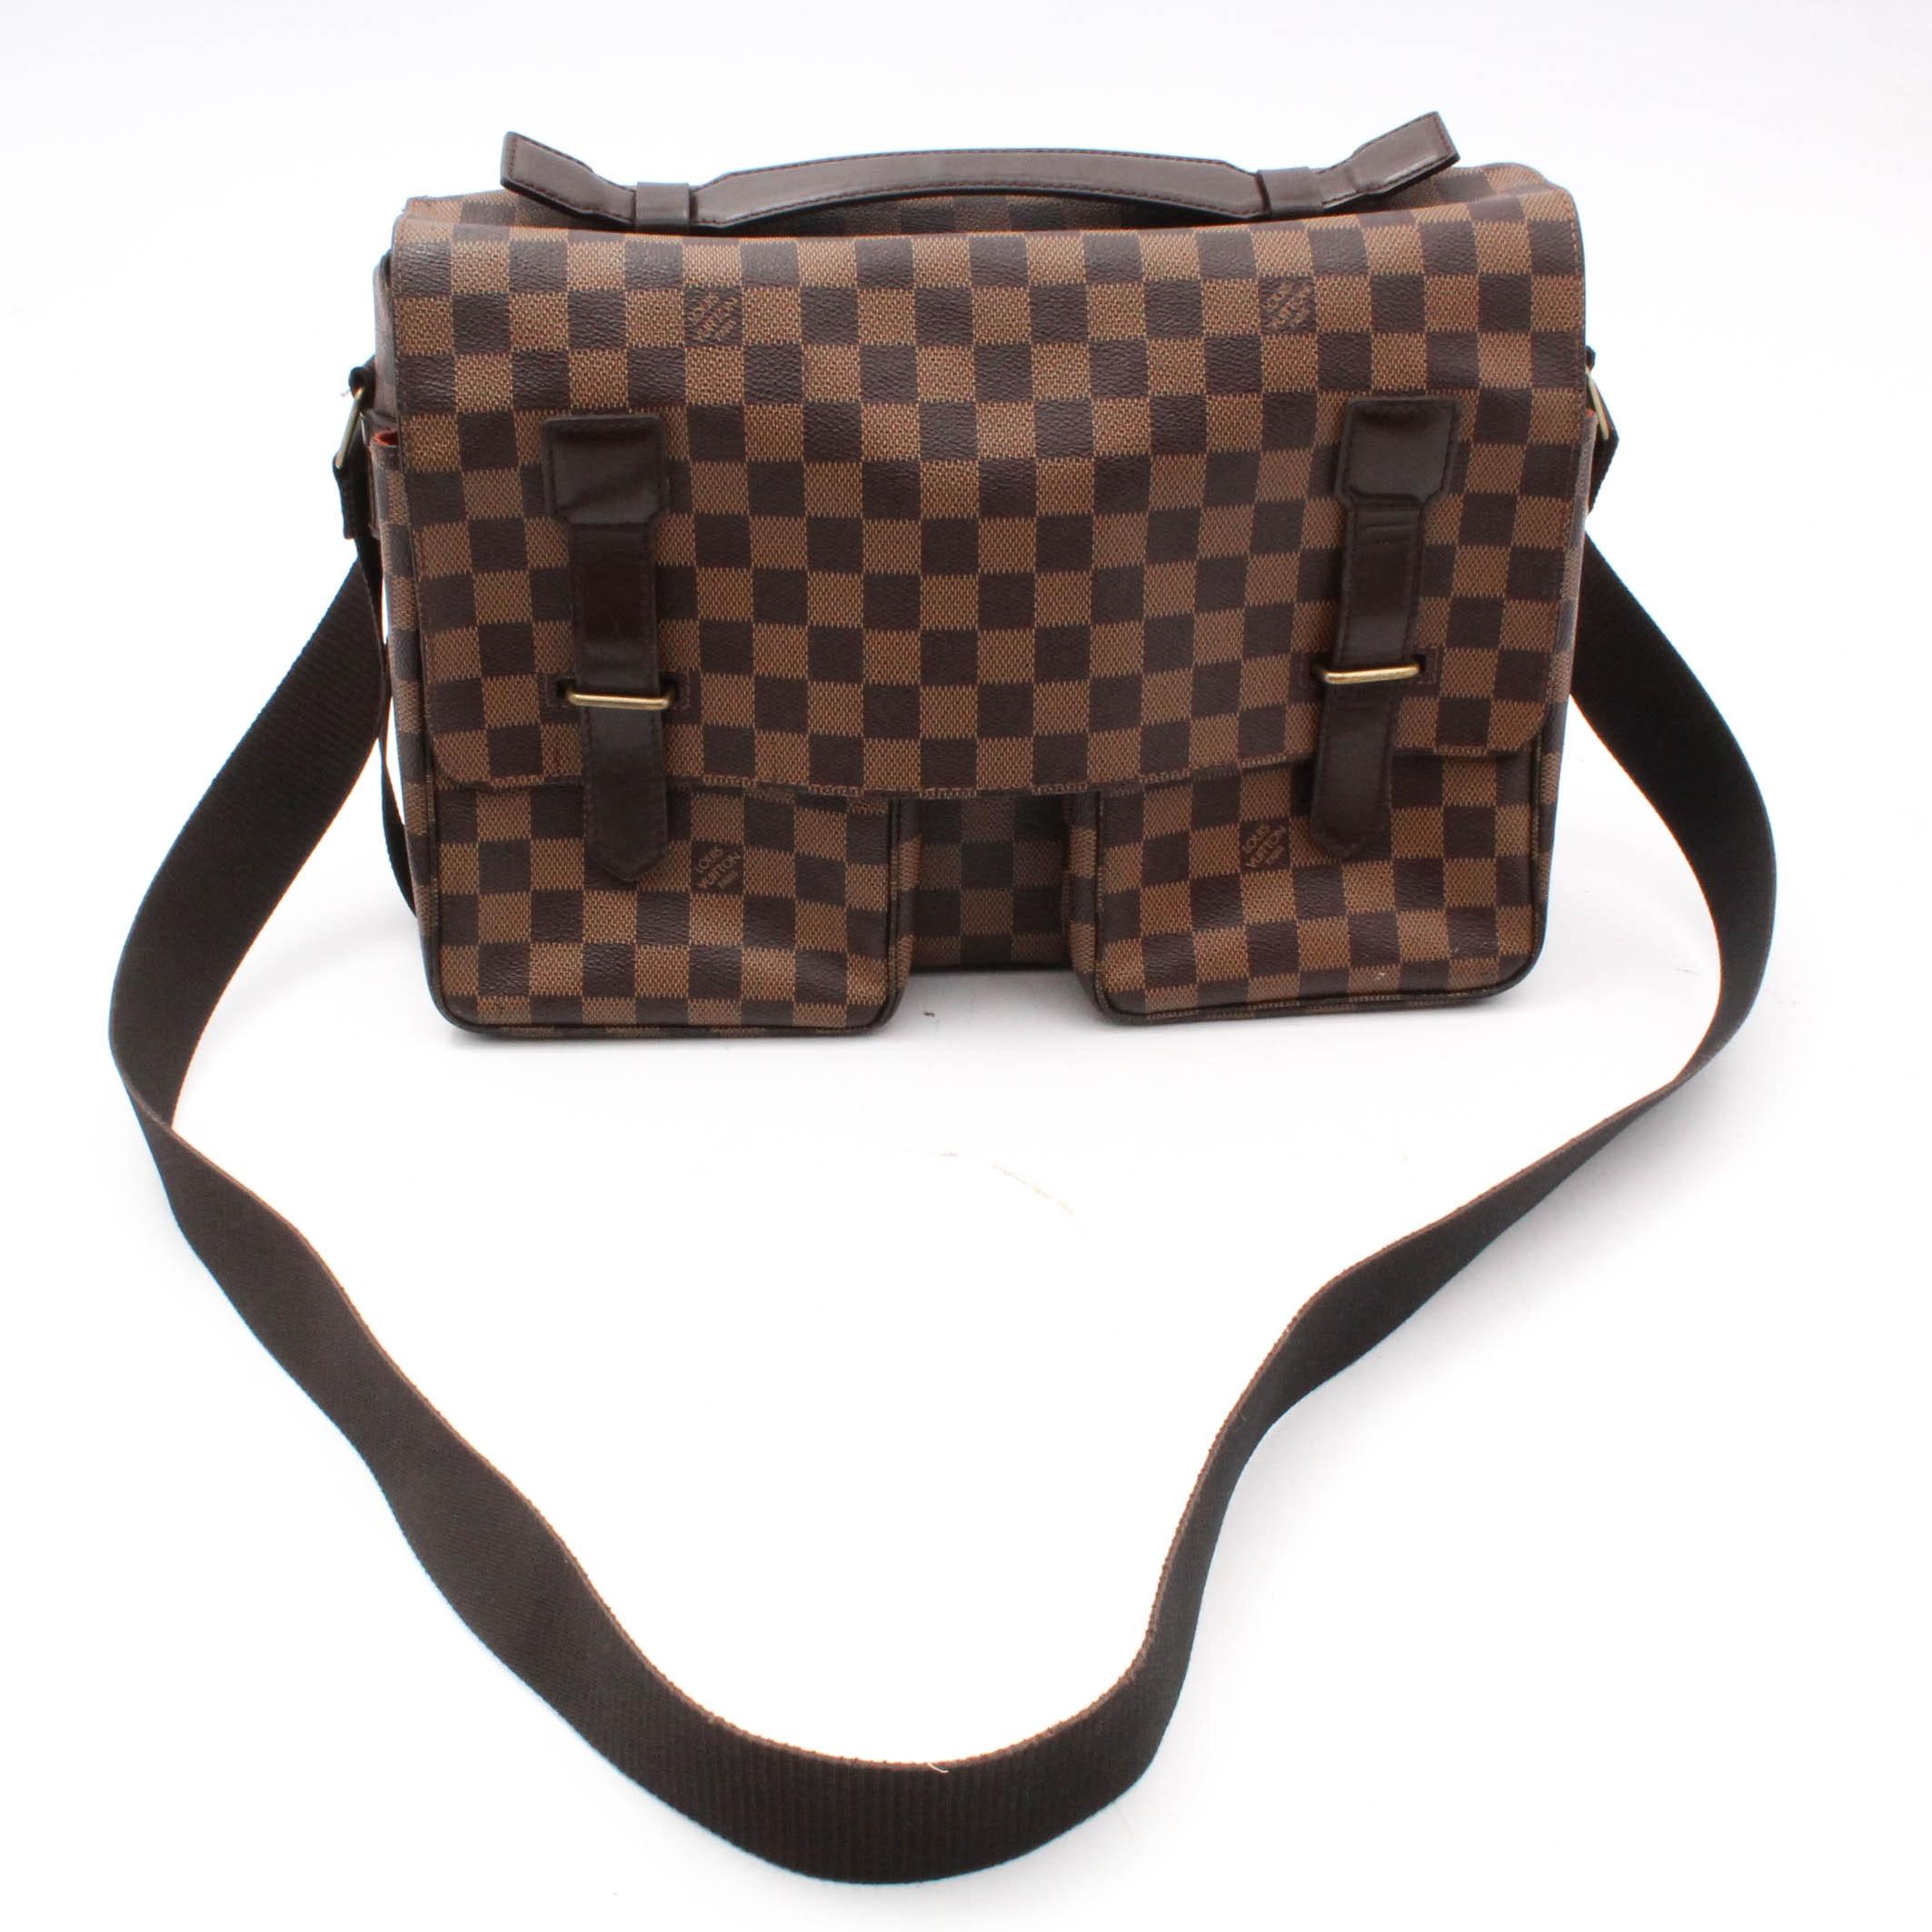 2004 Louis Vuitton Damier Crossbody Messenger Bag